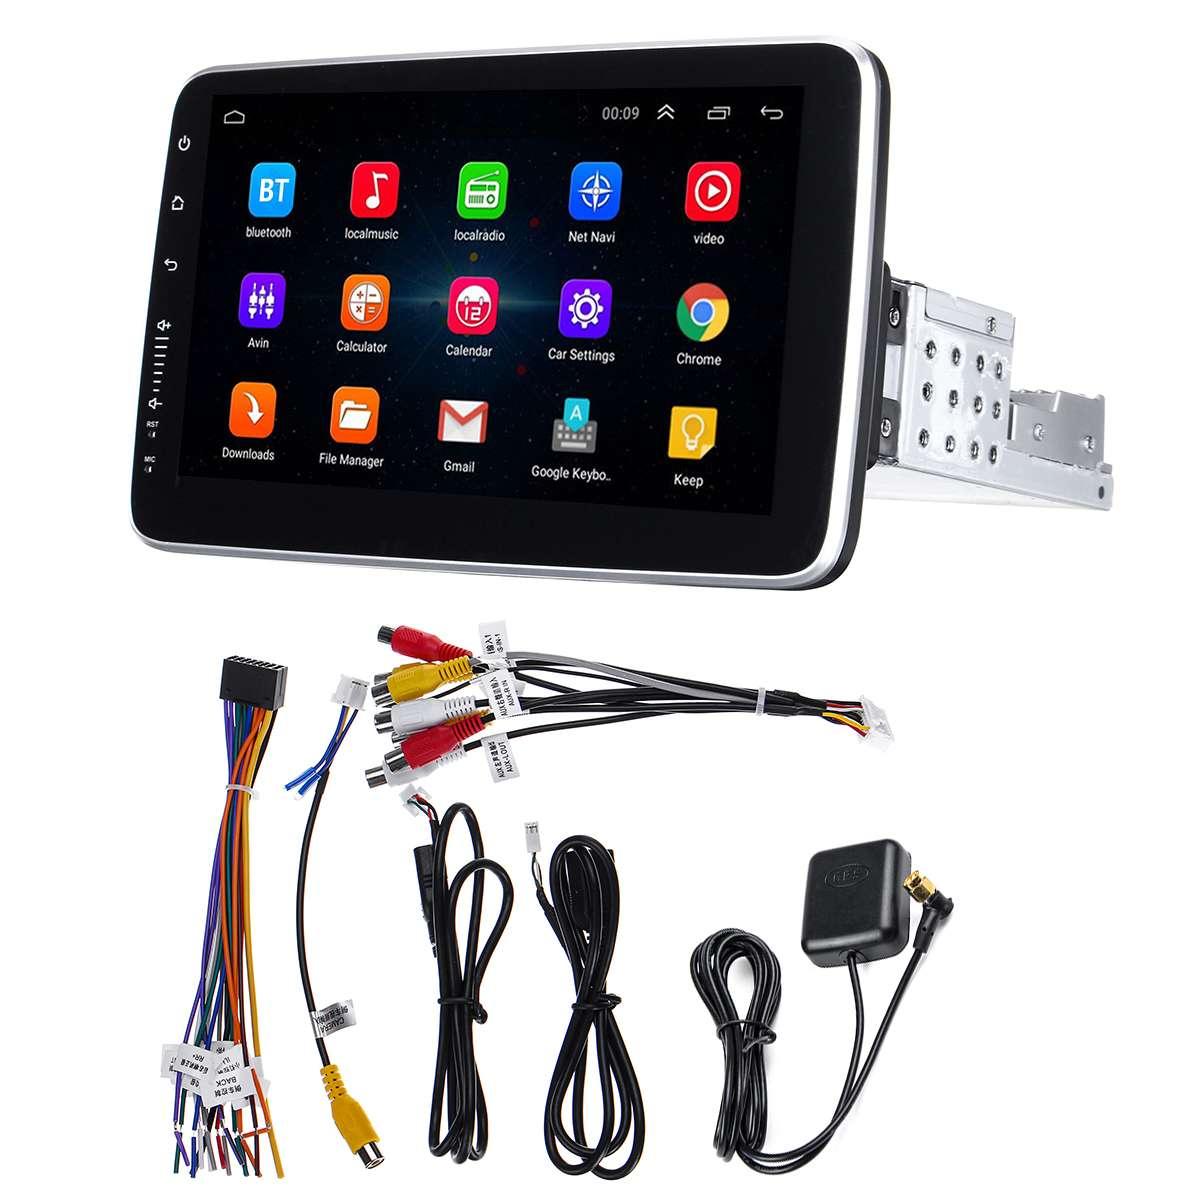 Lecteur multimédia de voiture 10.2 8 Core 1Din stéréo 16/32G pour Android 8.0/8.1 avec écran rotatif de 360 degrés lecteur Radio GPS WiFi - 2